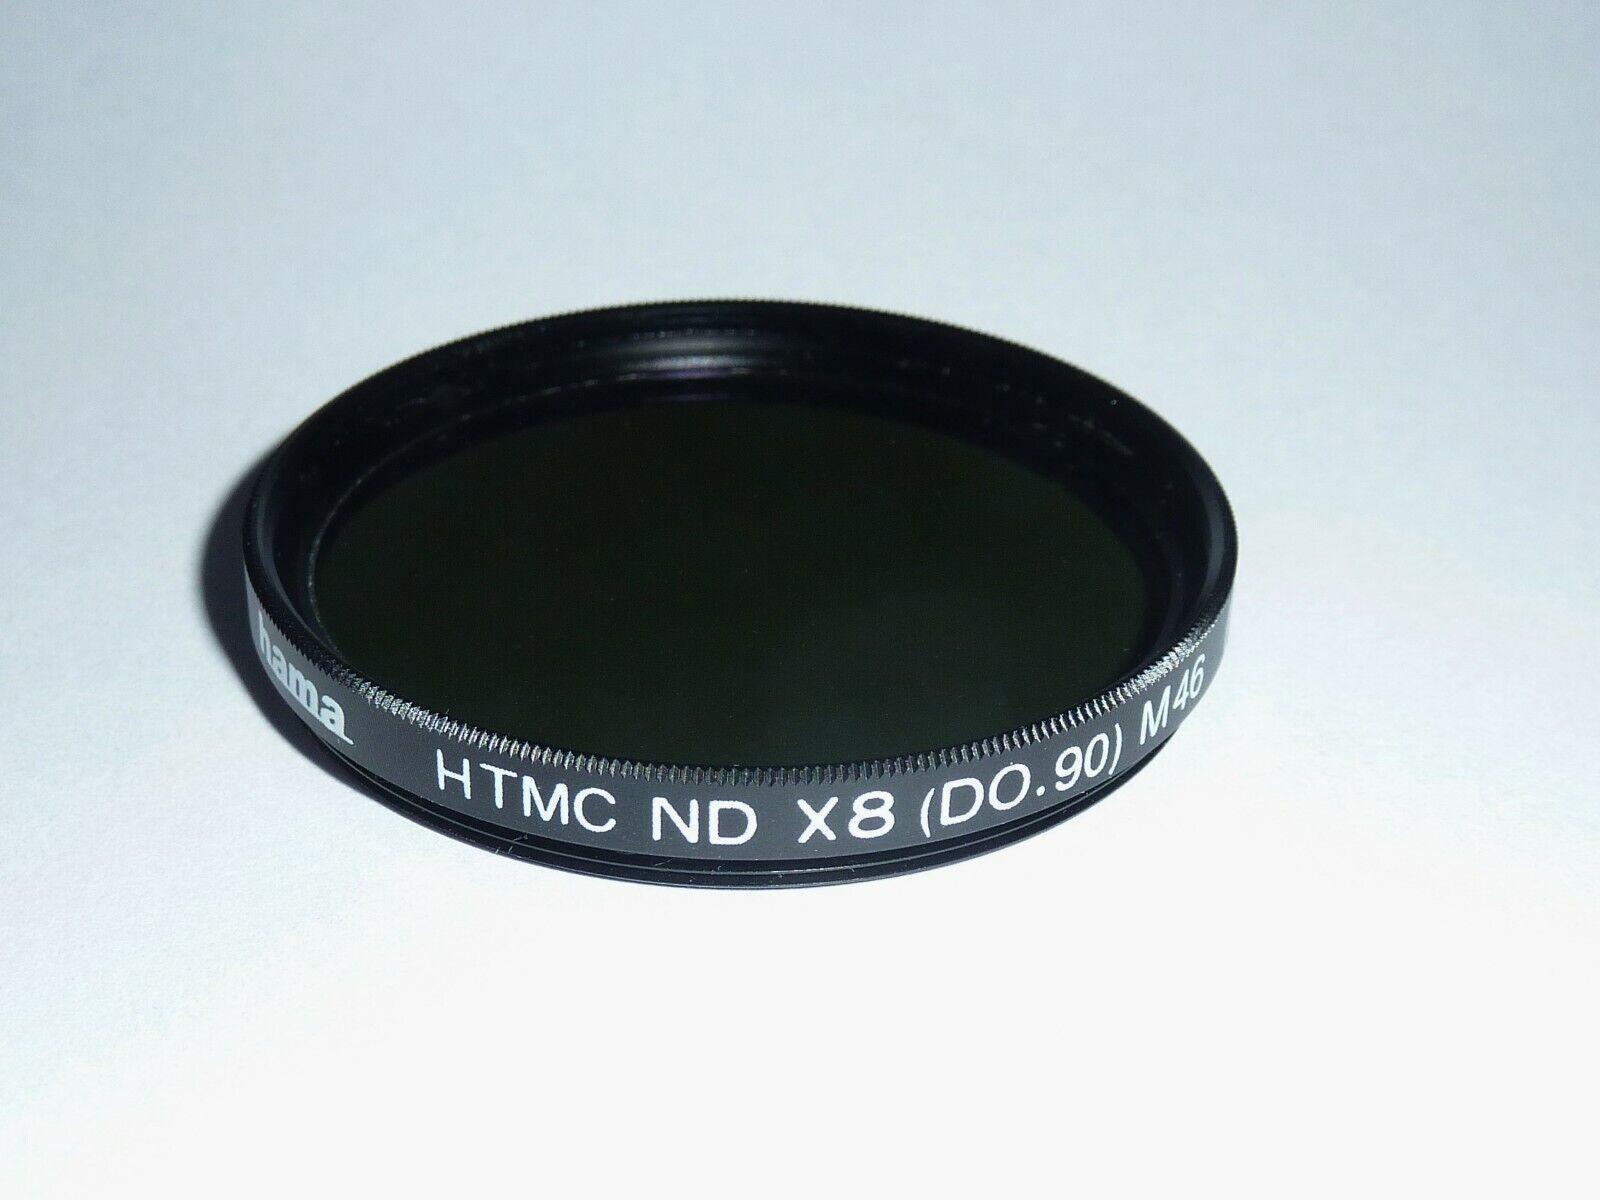 Hama Graufilter ND x 8  HTMC  46mm E46